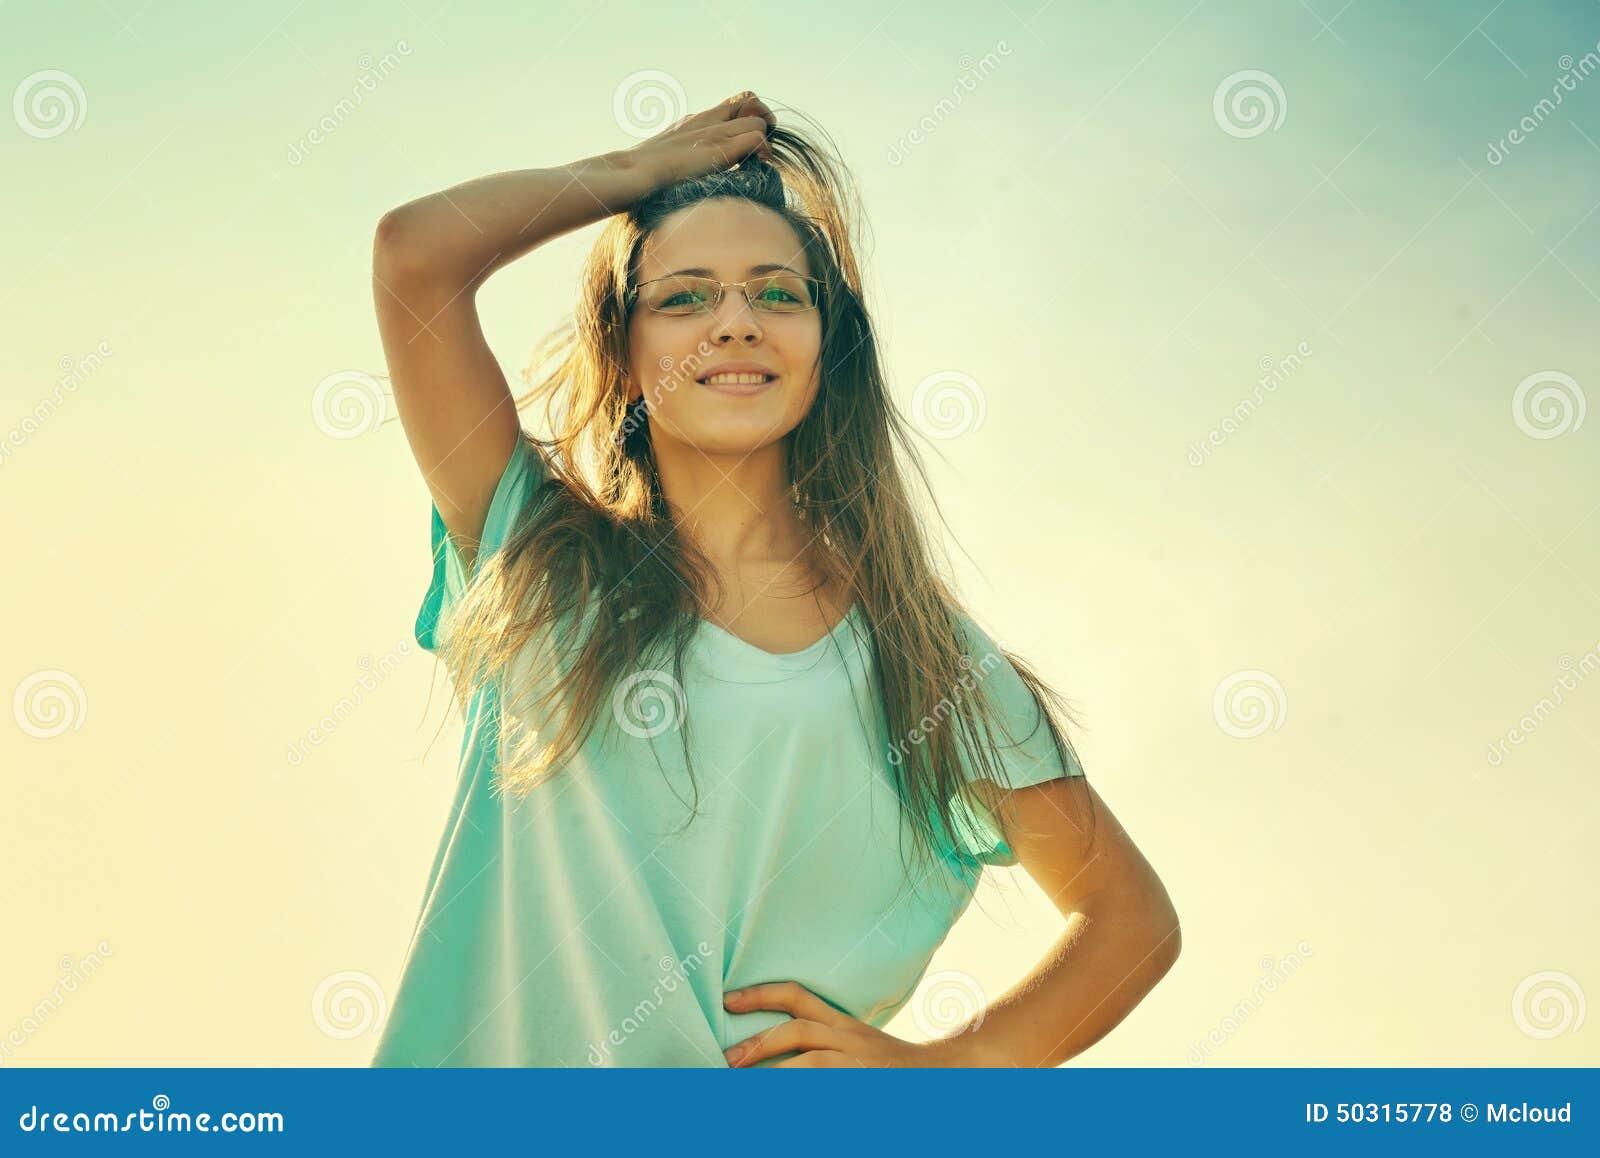 Sorriso da menina alegre, amigável e encantamento olhando a câmera no dia de verão ensolarado morno